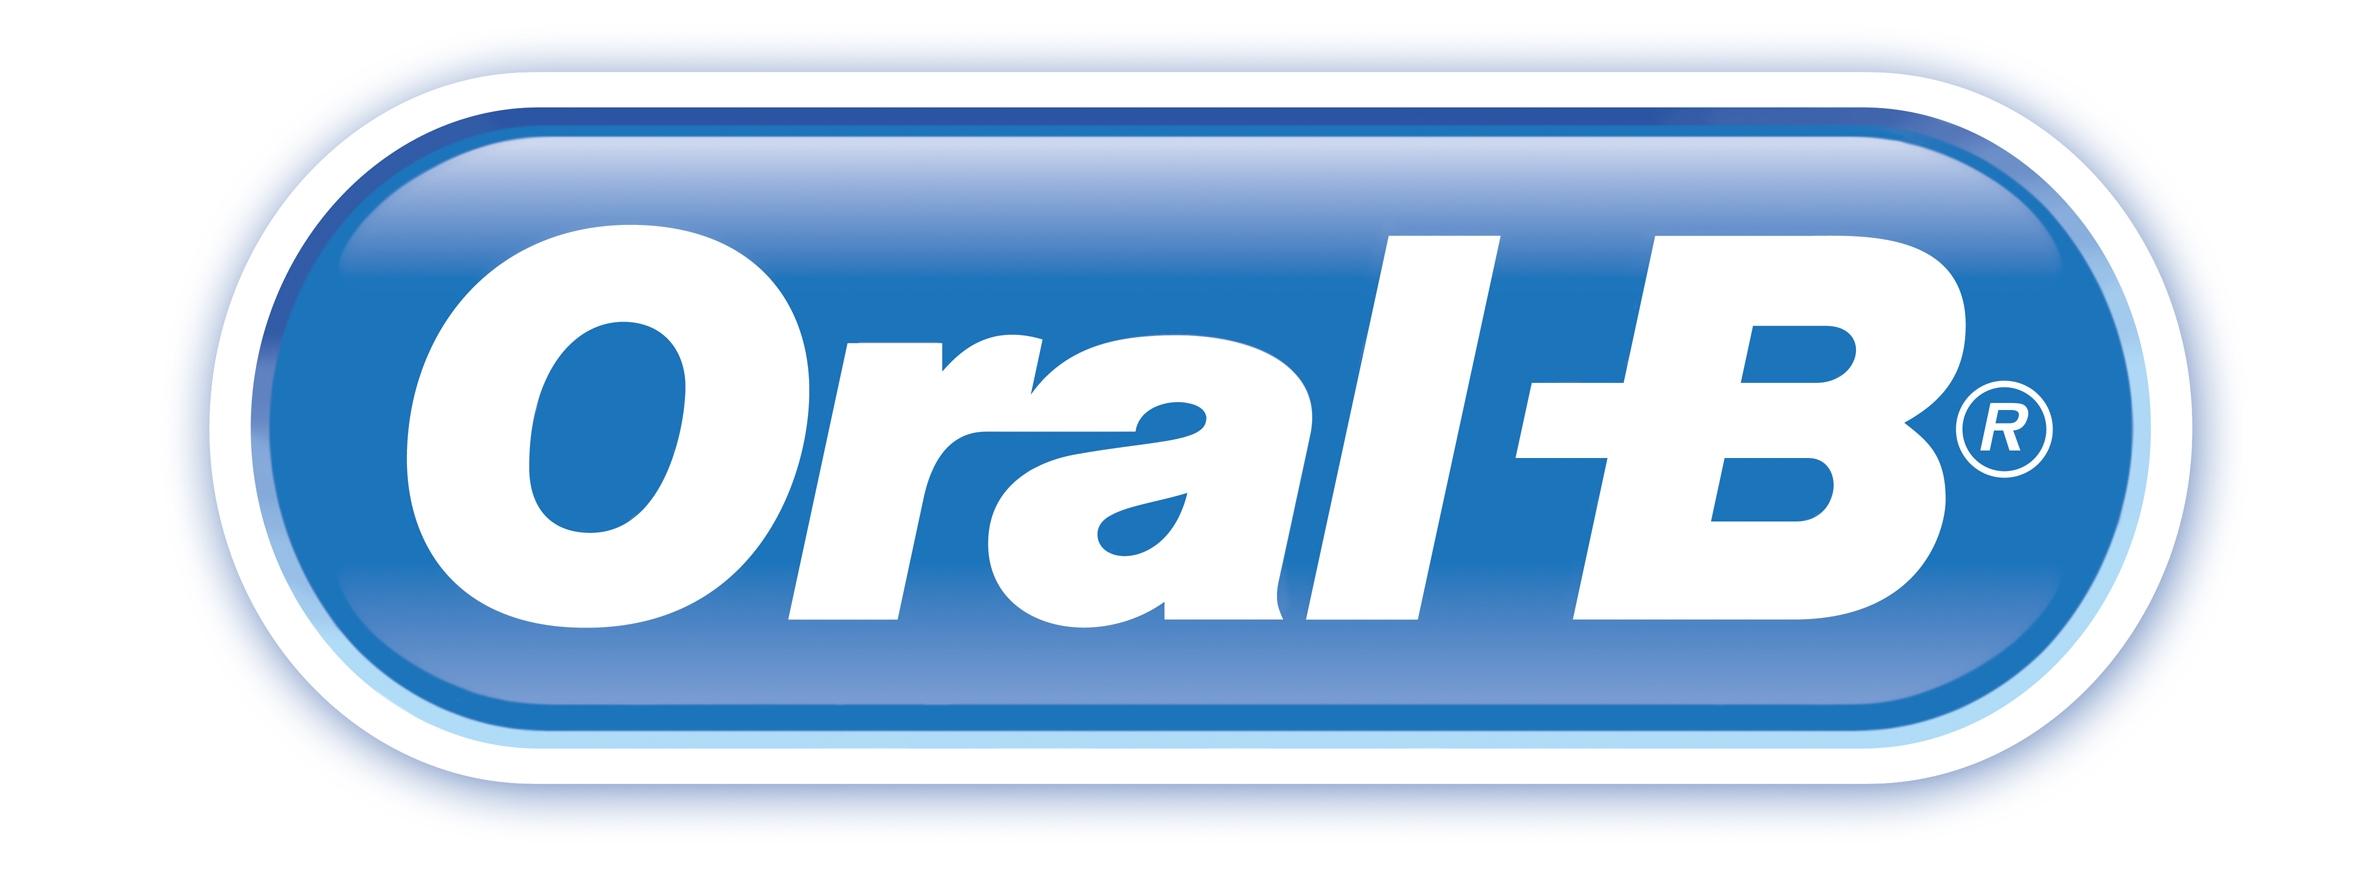 Oral-B - зубные щетки и насадки для них, а также зубные нити